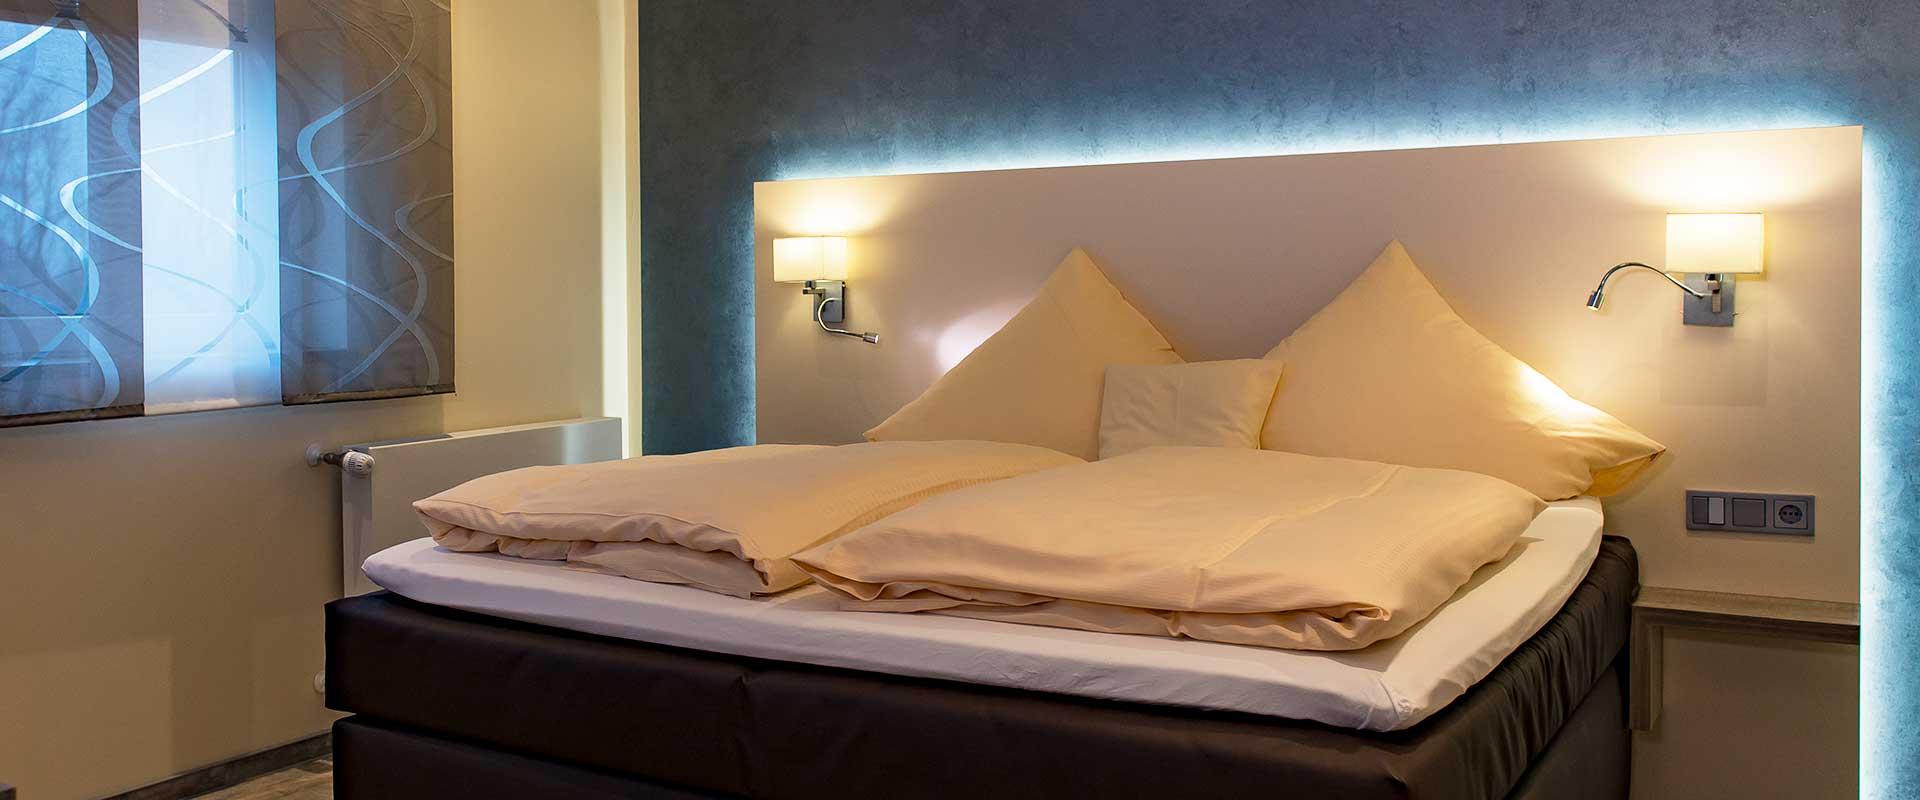 Hotel Ziegenbruch Slide Hotel